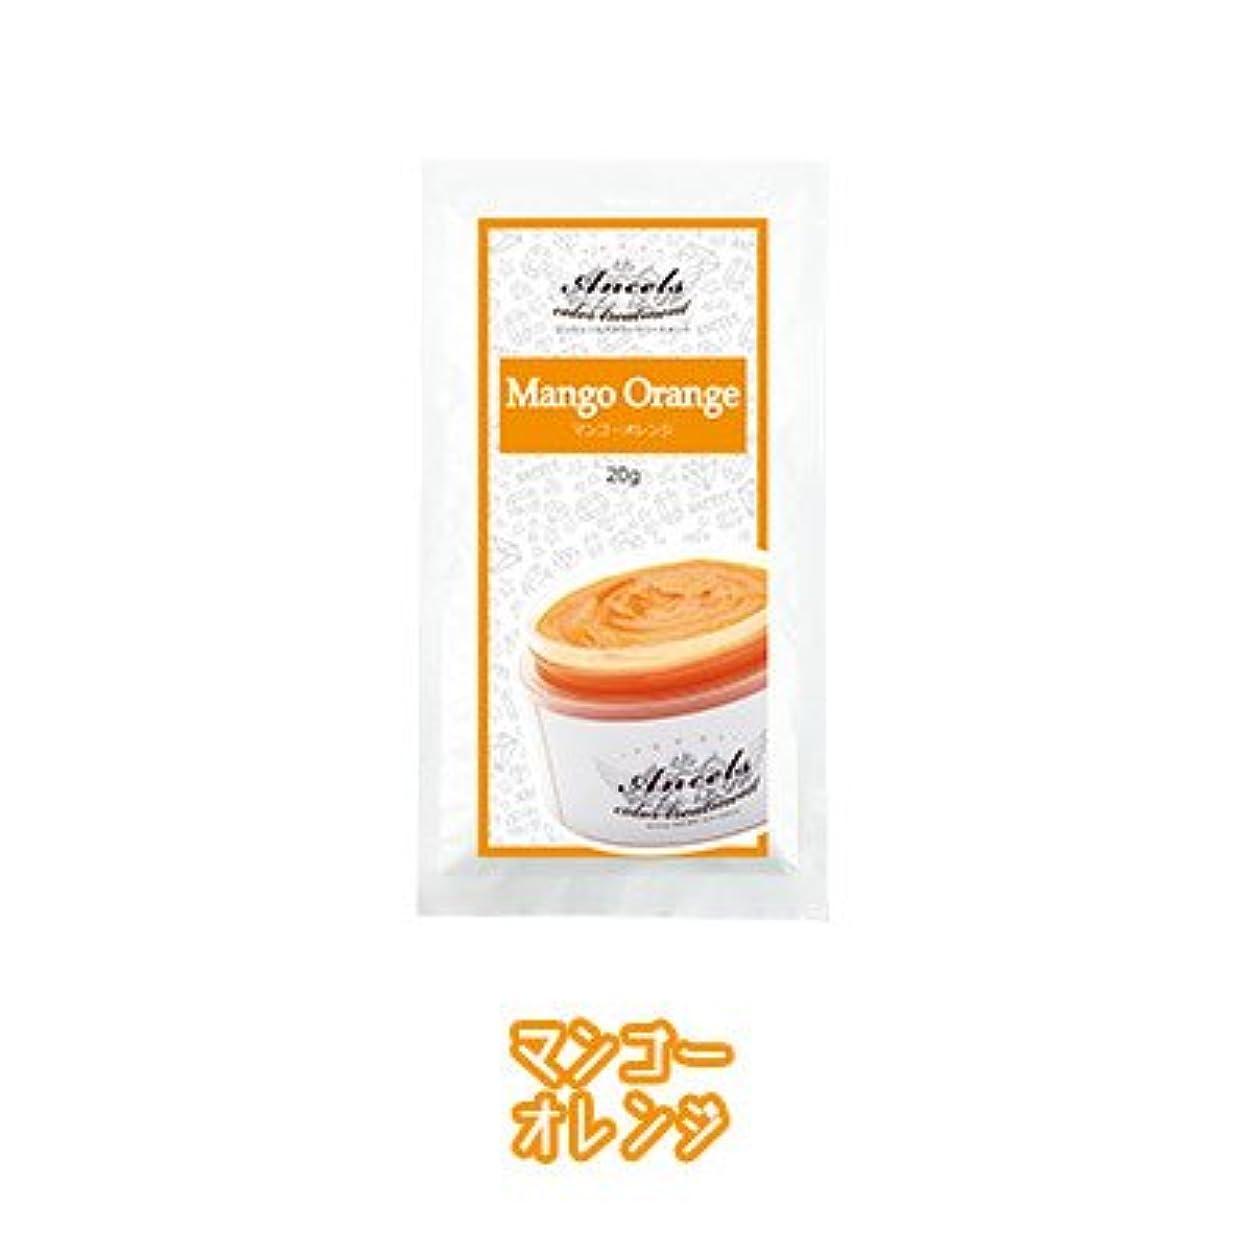 エンシェールズ カラートリートメントバター プチ(お試しサイズ) マンゴーオレンジ 20g